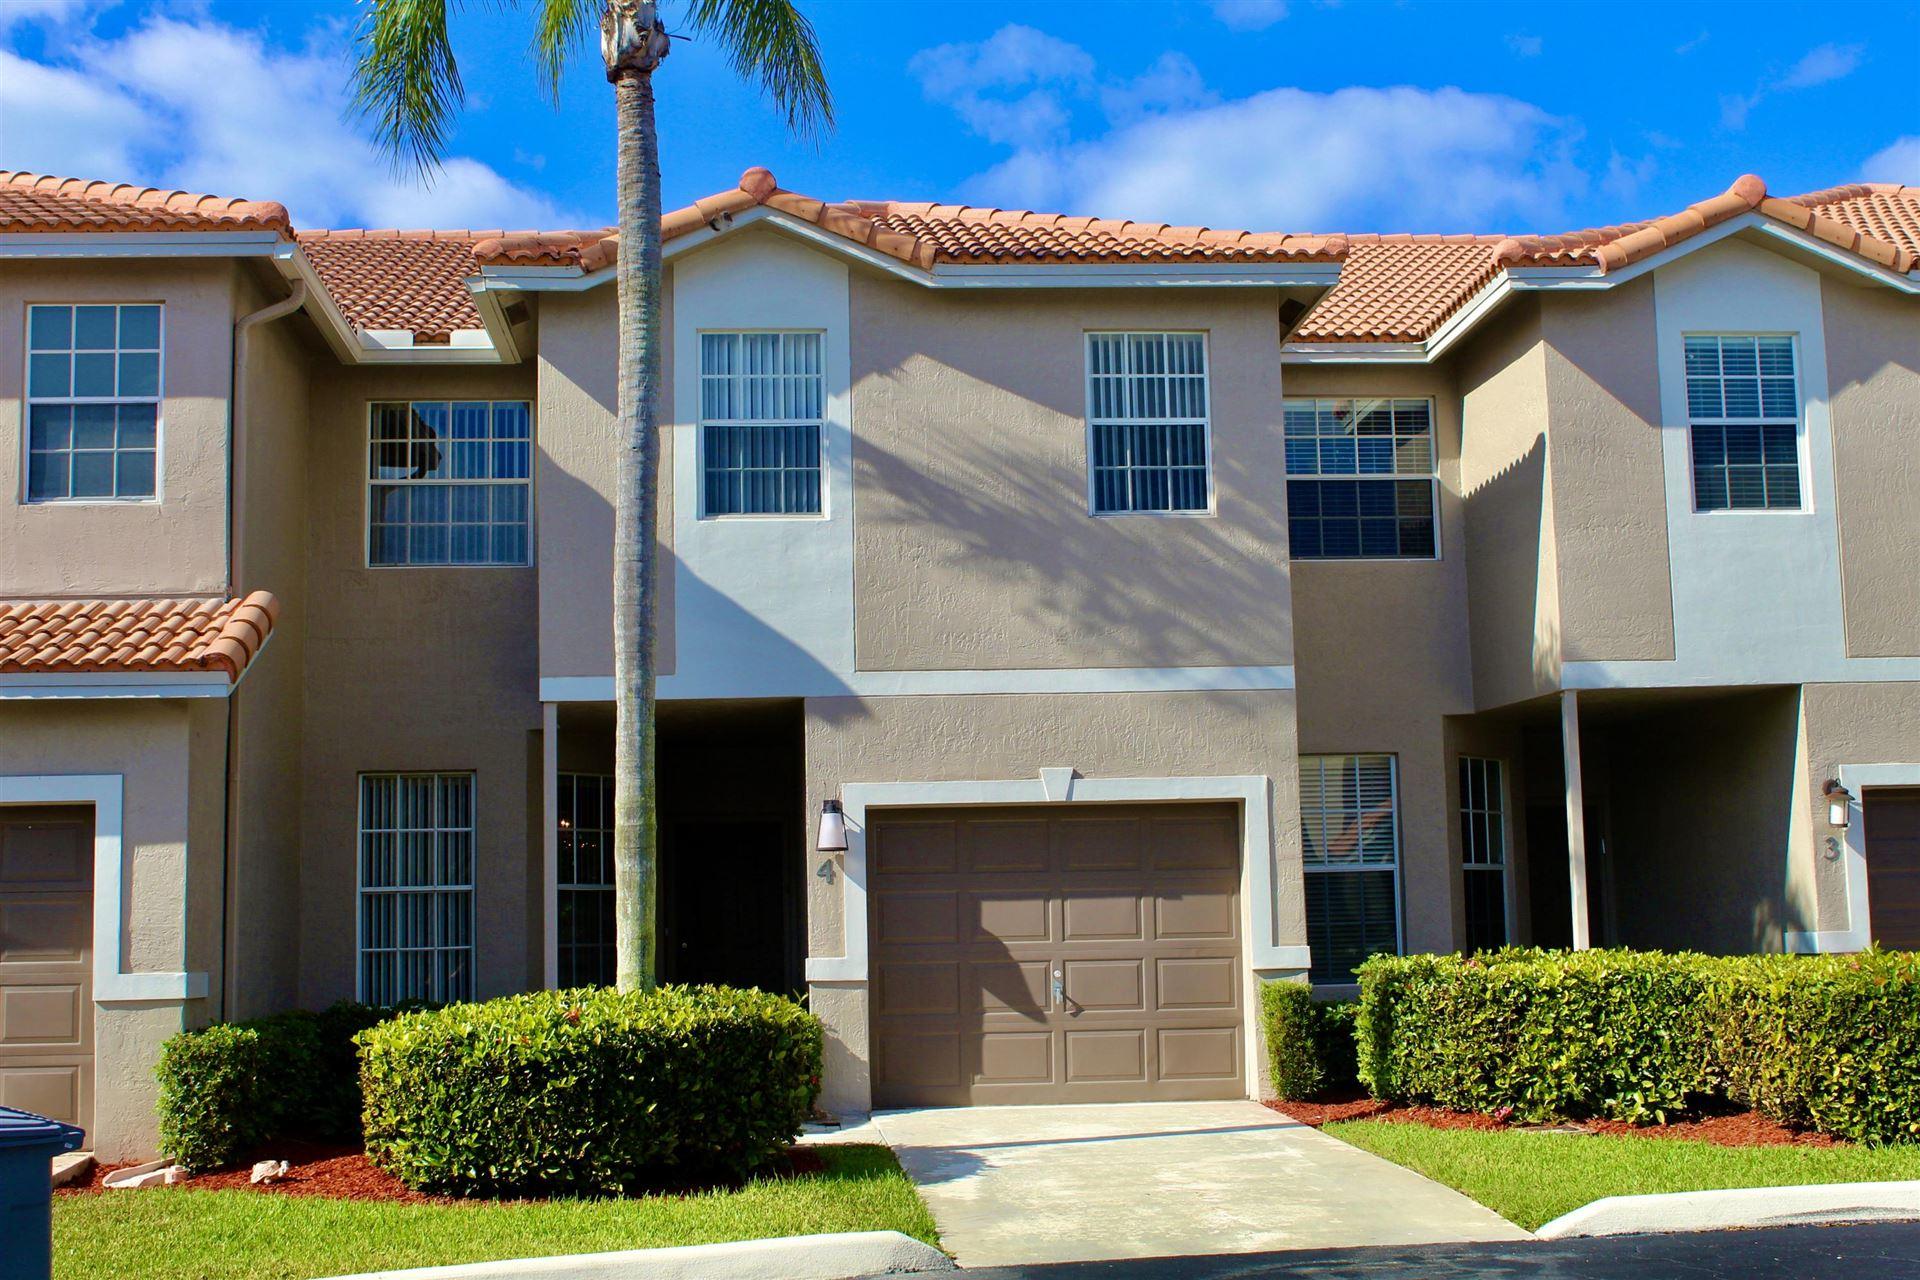 20951 Via Alamanda #4, Boca Raton, FL 33428 - #: RX-10675688